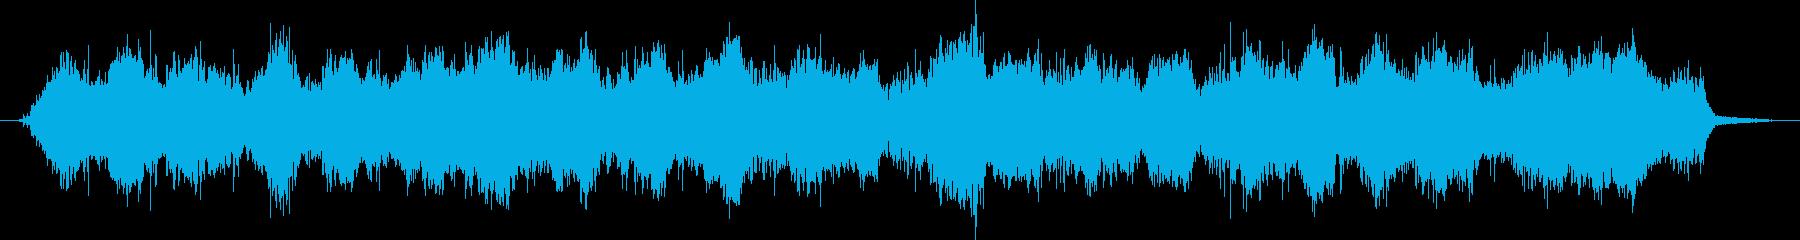 何かが這い寄ってくる雰囲気のホラーBGMの再生済みの波形